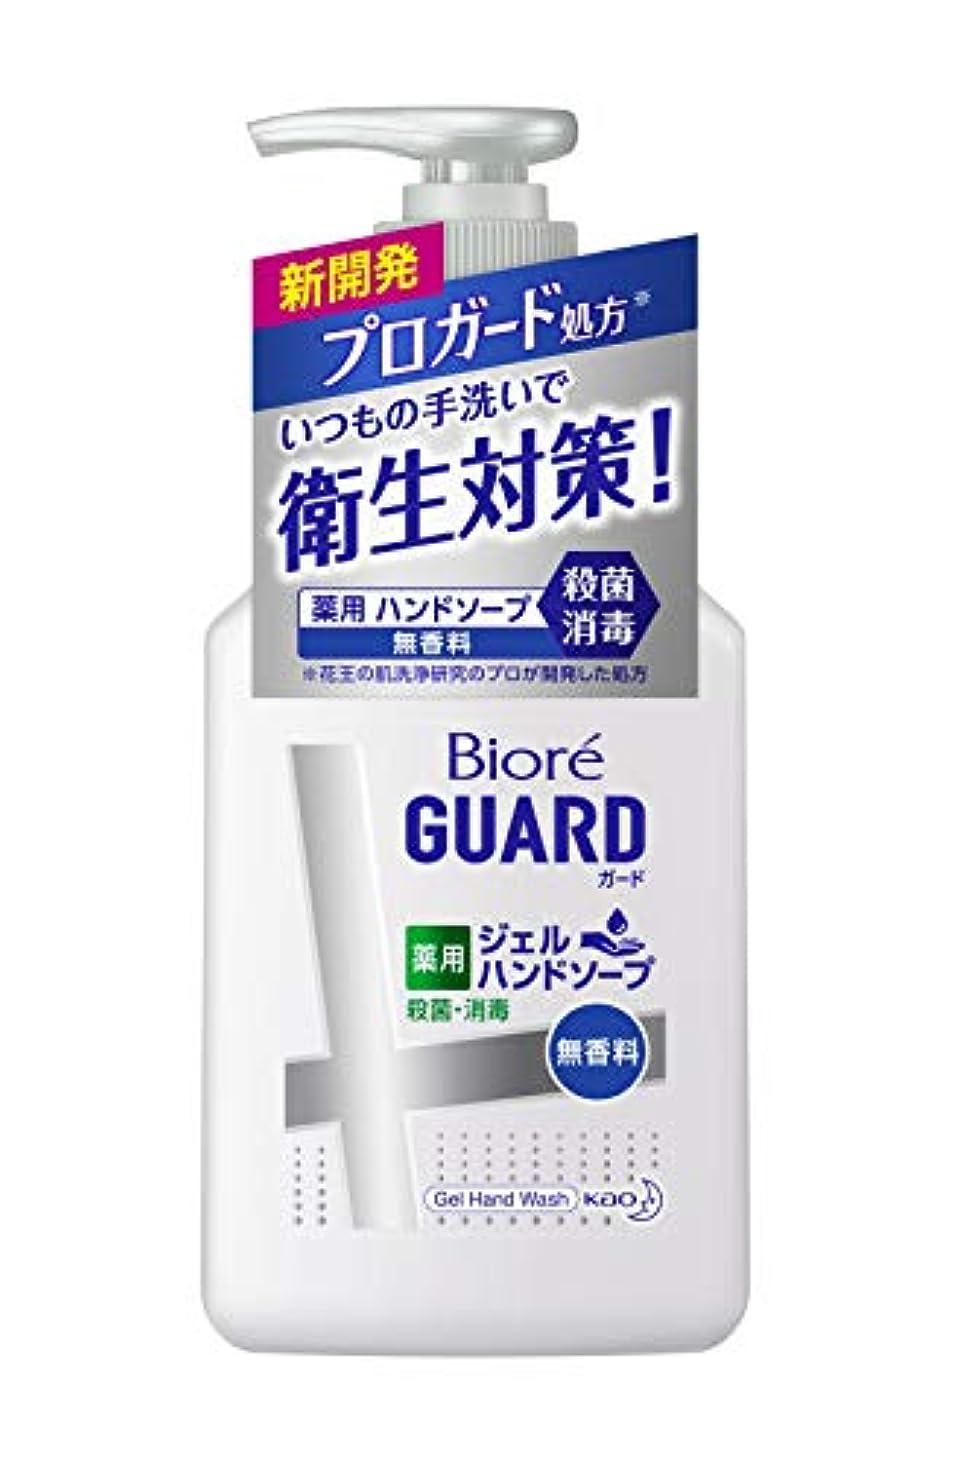 消費者未払いかもしれないビオレ GUARD ハンドジェルソープ ポンプ 無香料 250ml